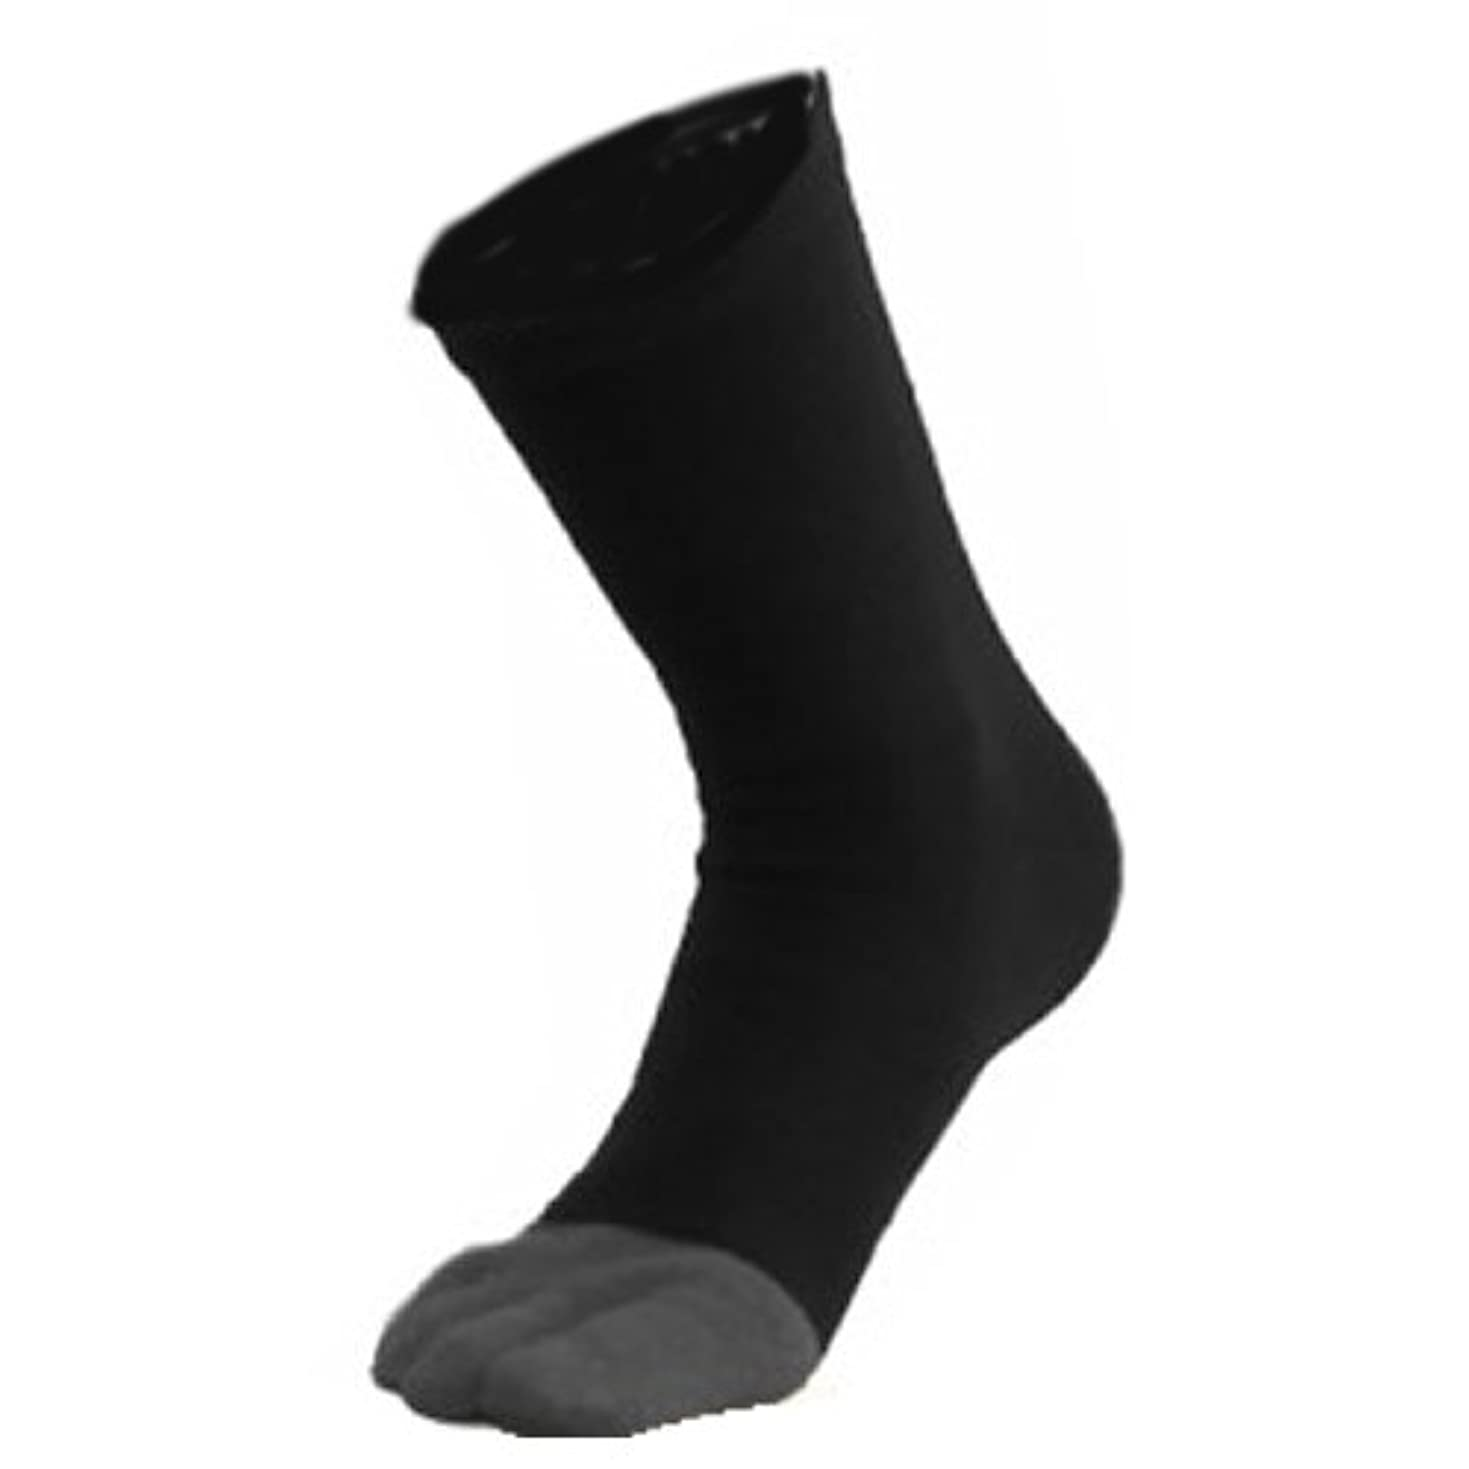 バターチロわかりやすい指先まであったか靴下 ブラック×チャコールグレー